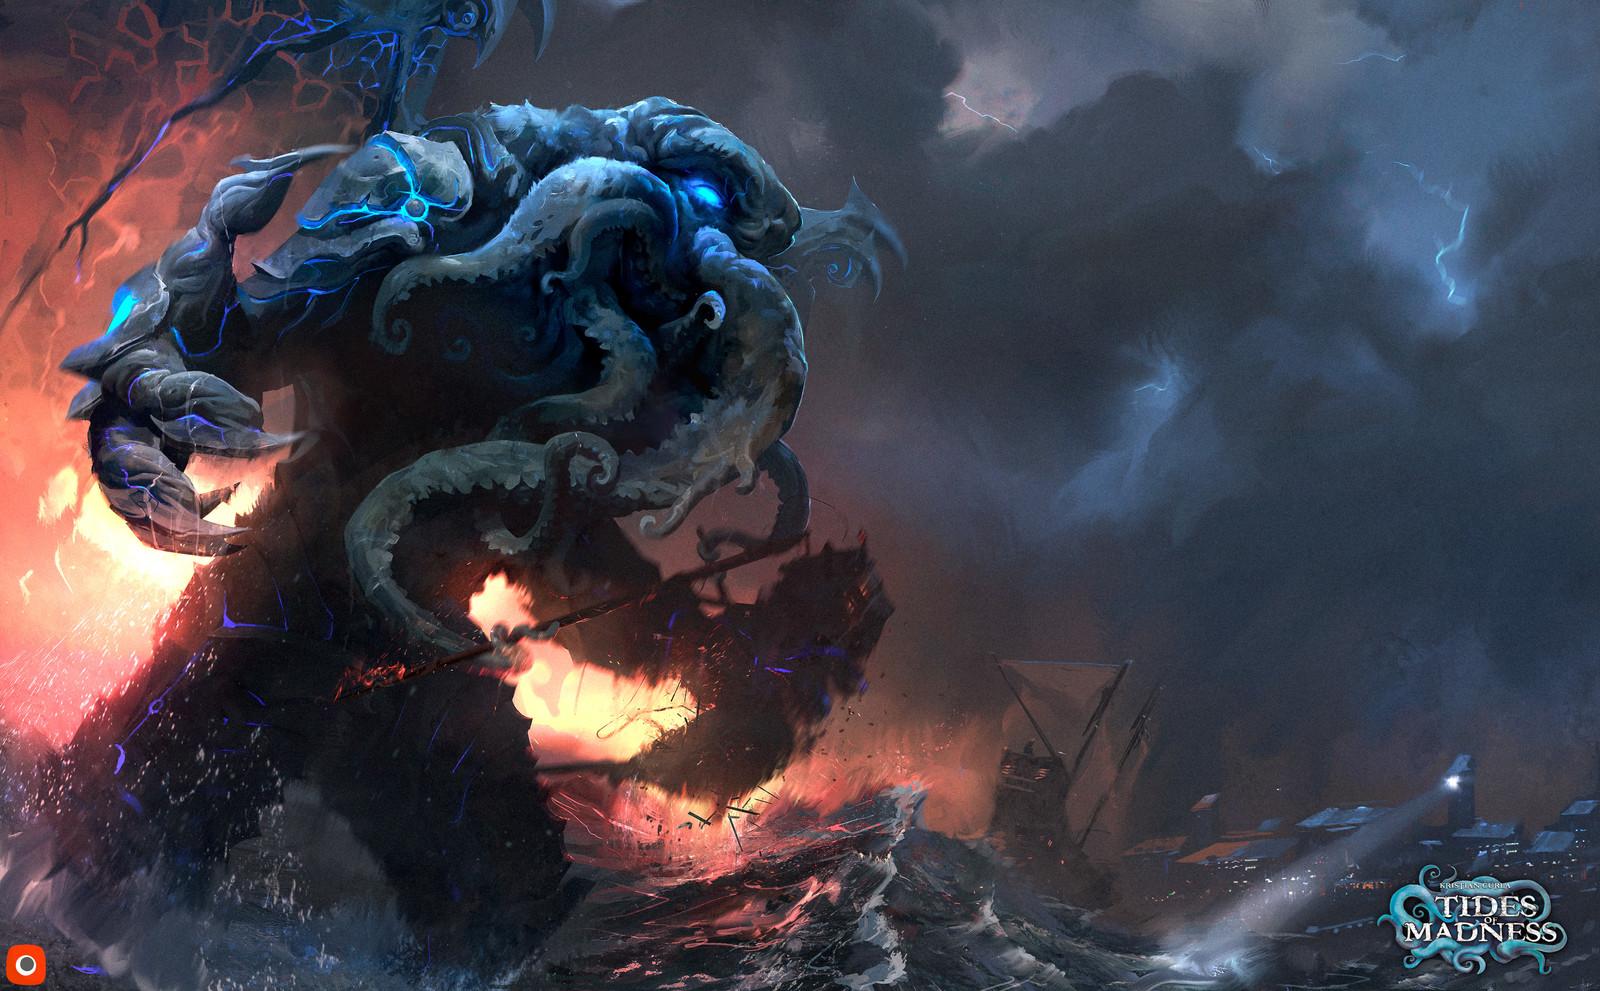 'Tides of Madness: Cthulhu (KeyArt)